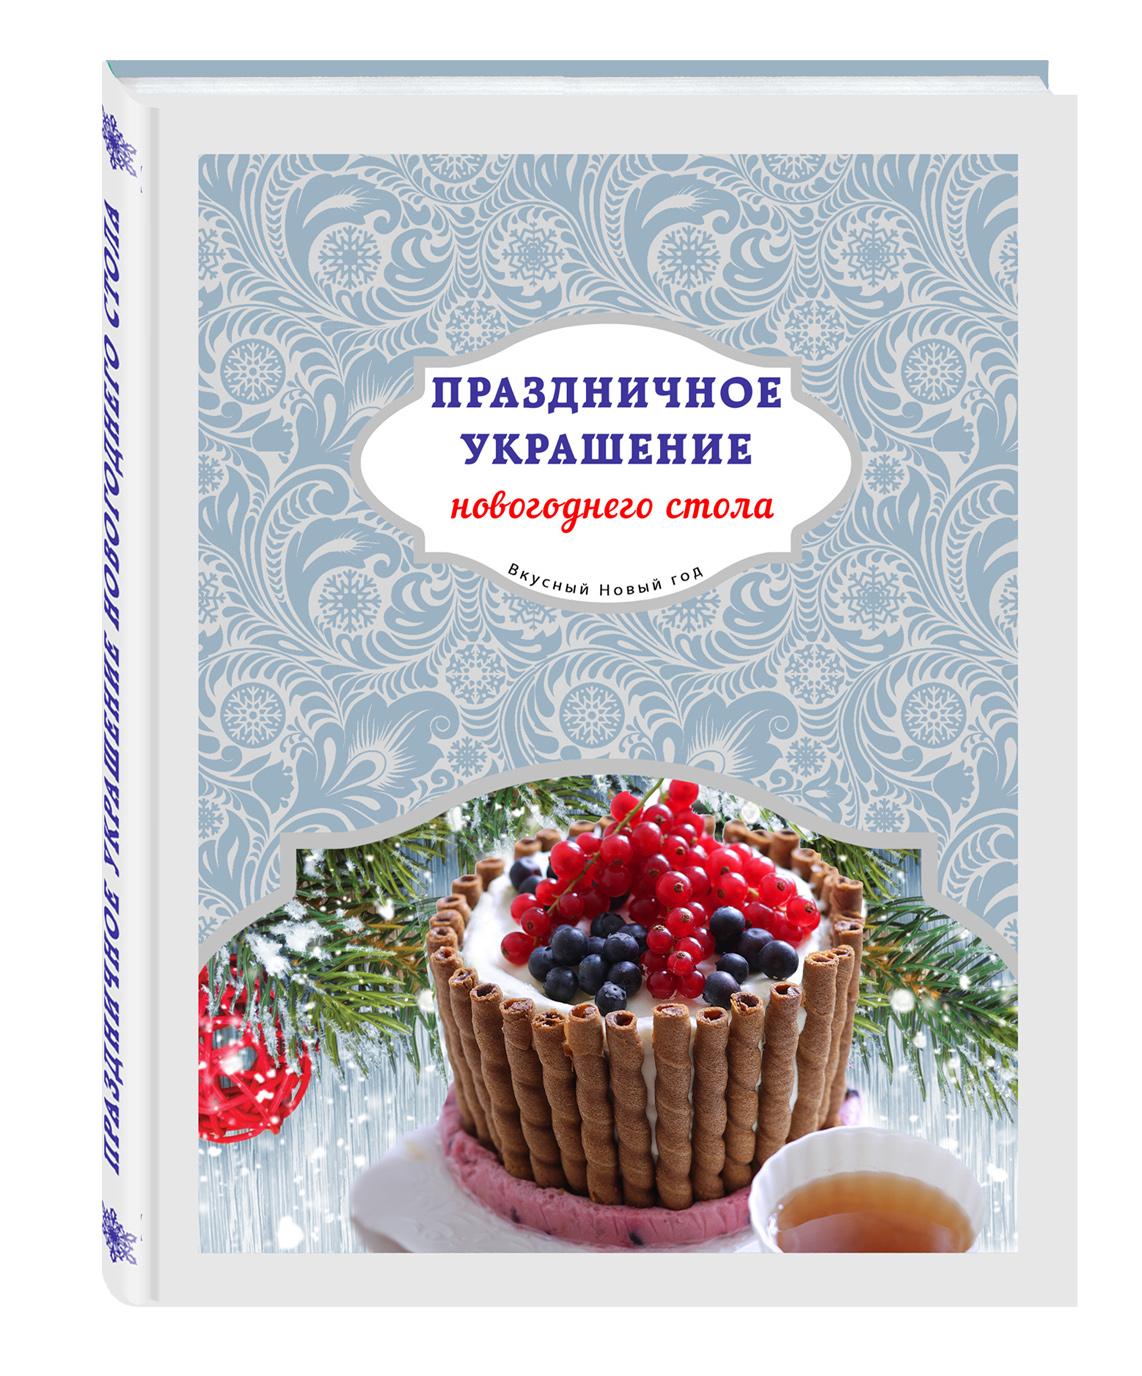 Савкин И.А., Юрышева Я.В. Праздничное украшение новогоднего стола праздничное украшение новогоднего стола